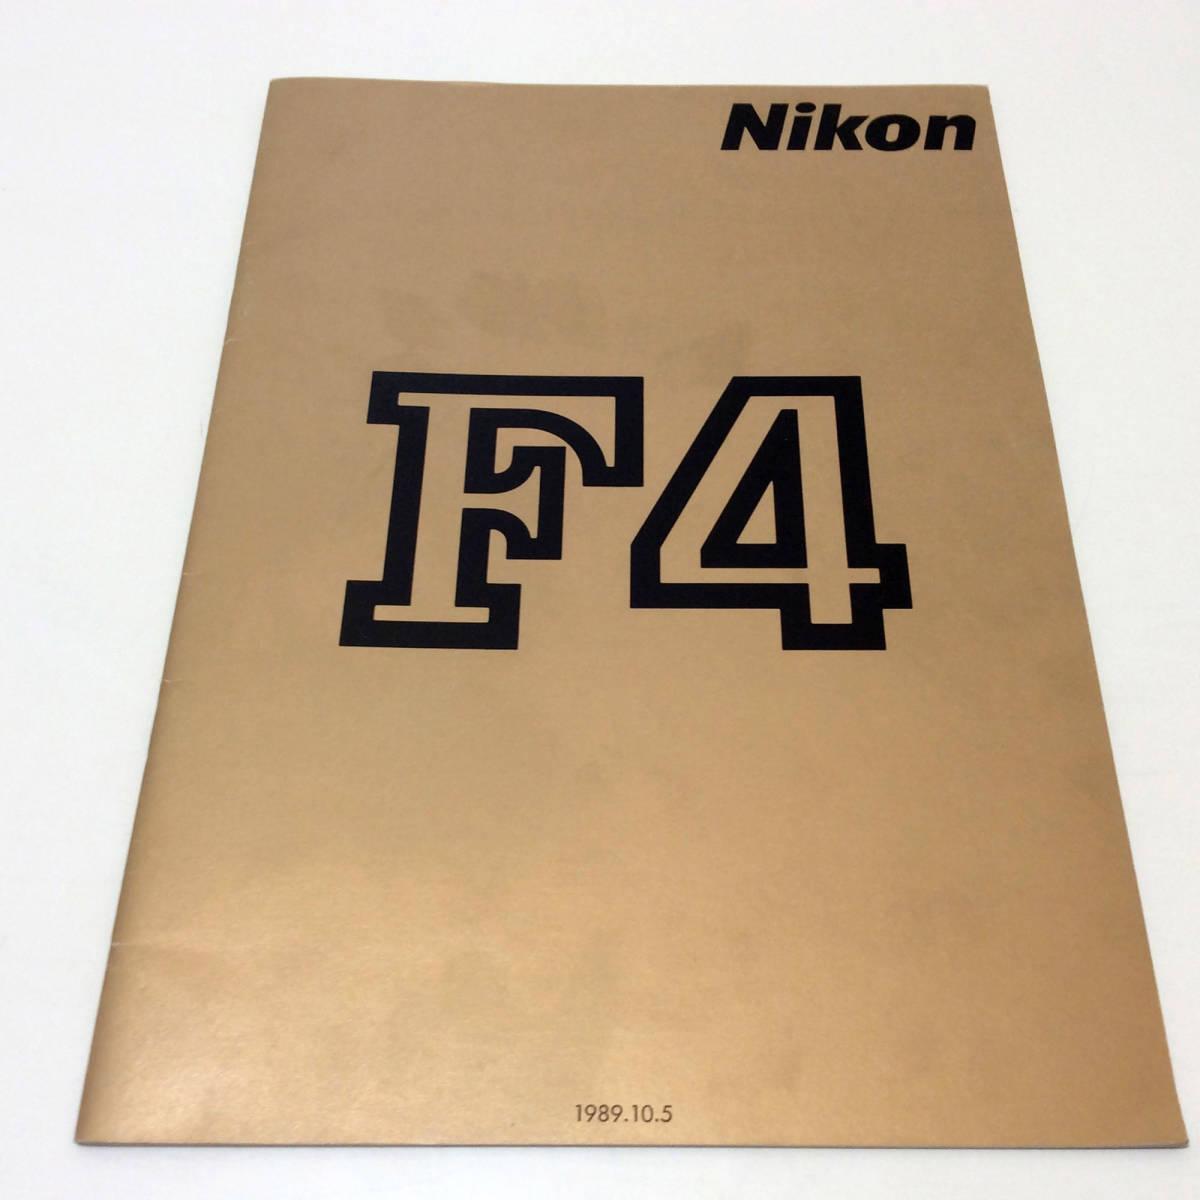 ニコン カタログ (F4形 89年版 A4-31頁、F3形 89年版 A4-24頁、FM2形 89年版 A4-10頁 計3部)